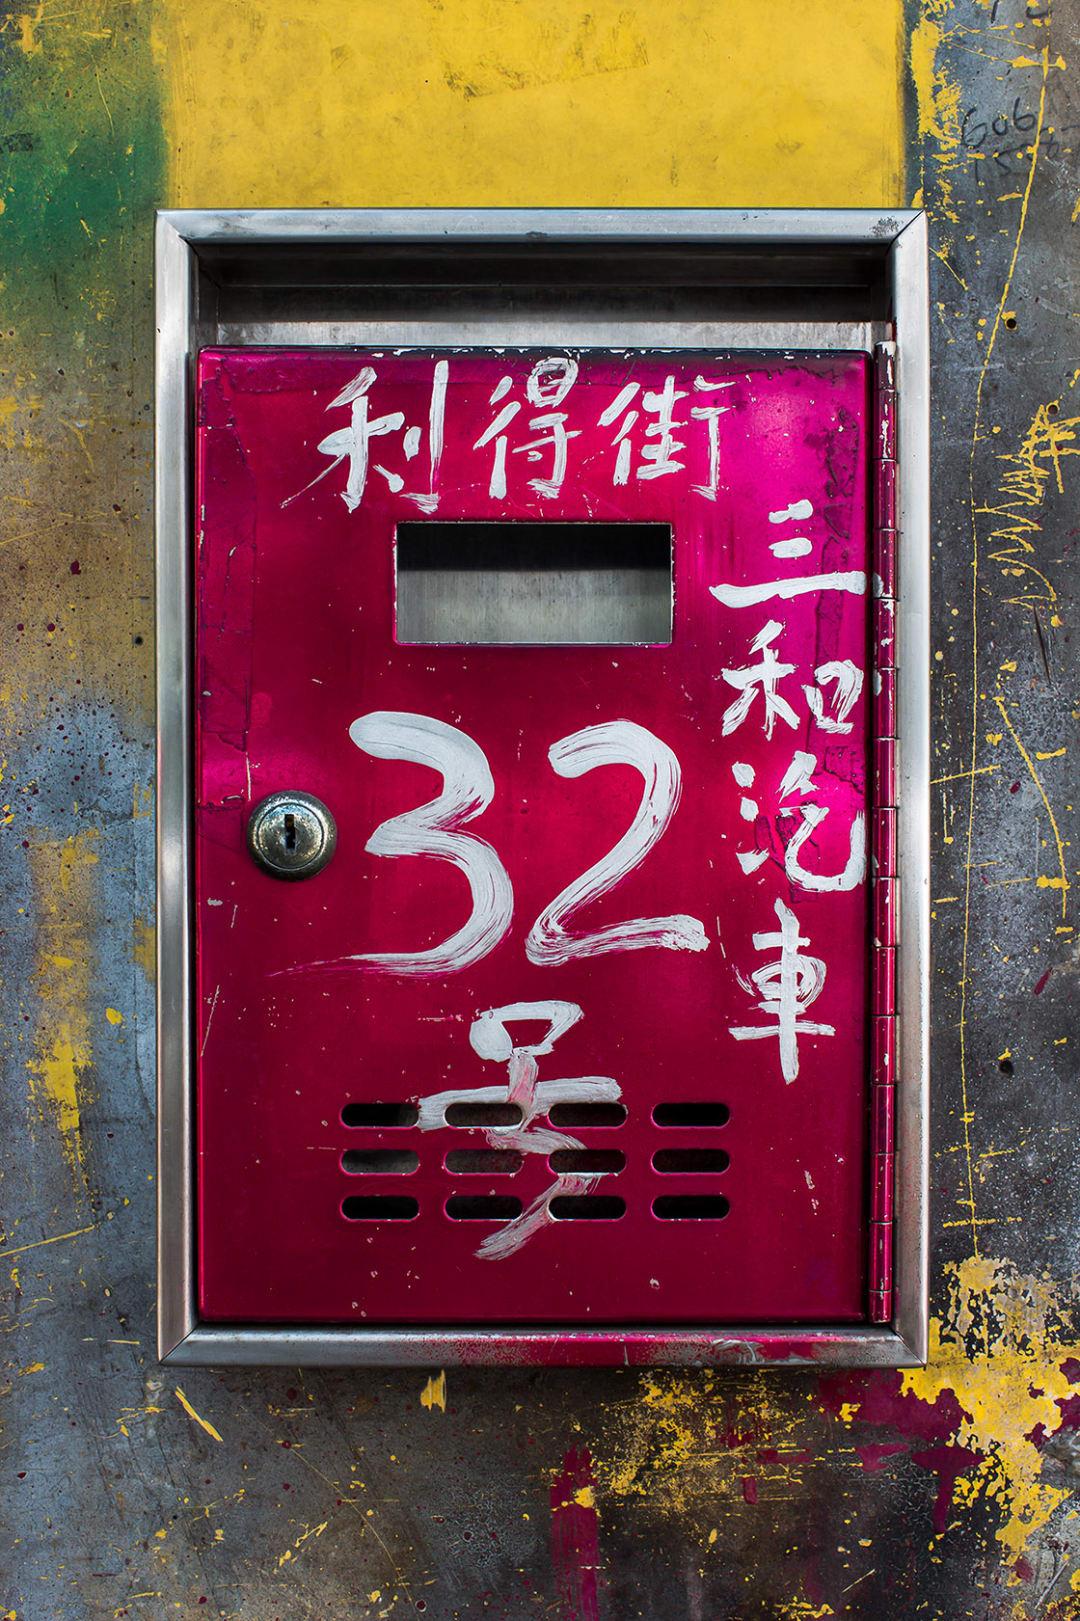 32-Li Tak Street - David Elliott